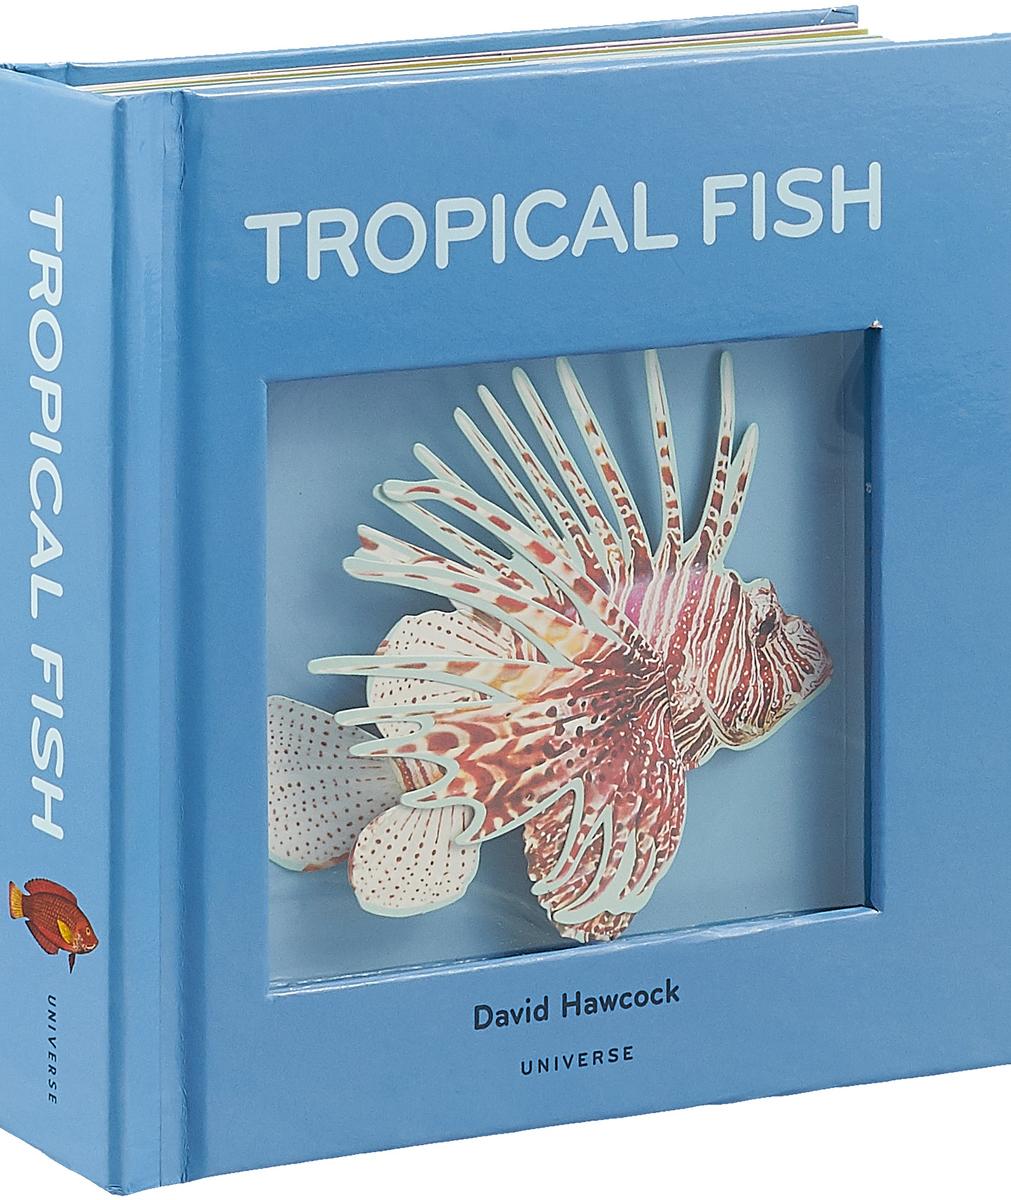 Tropical Fish жк телевизор sony oled телевизор kd 55a1